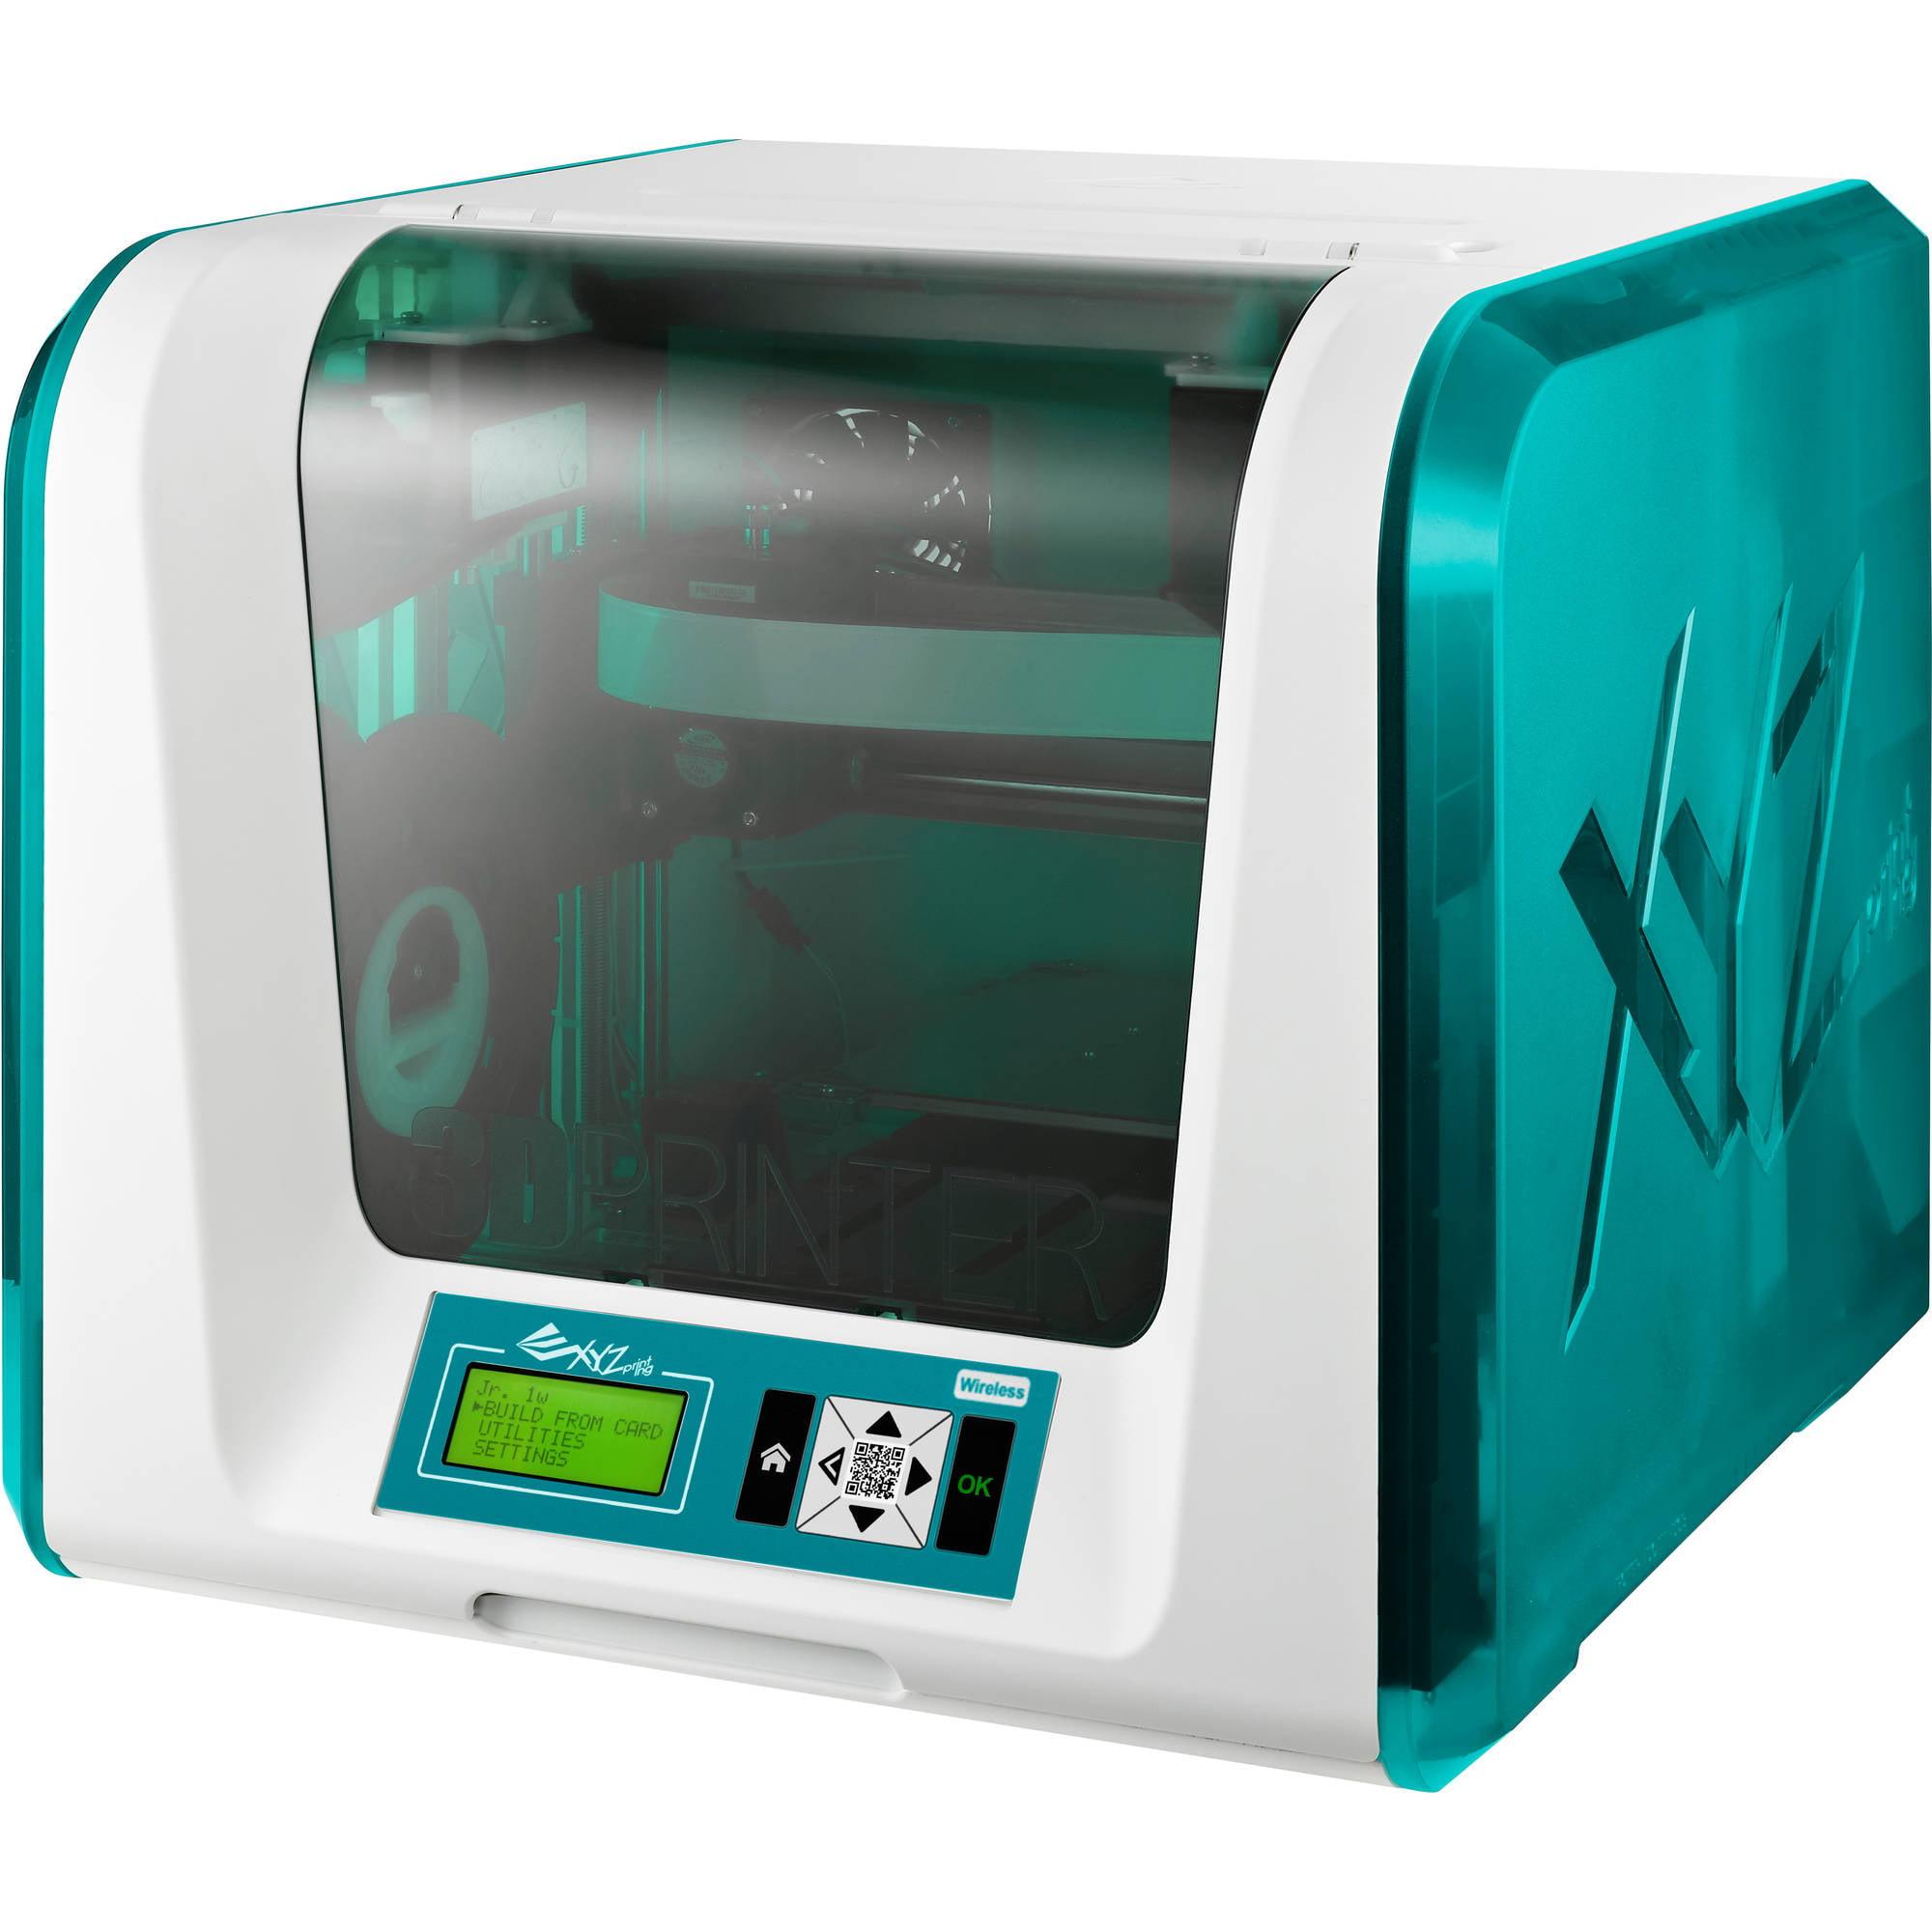 da Vinci Junior 1.0w WiFi 3D Printer w/ K-12 Steam 3D Printing